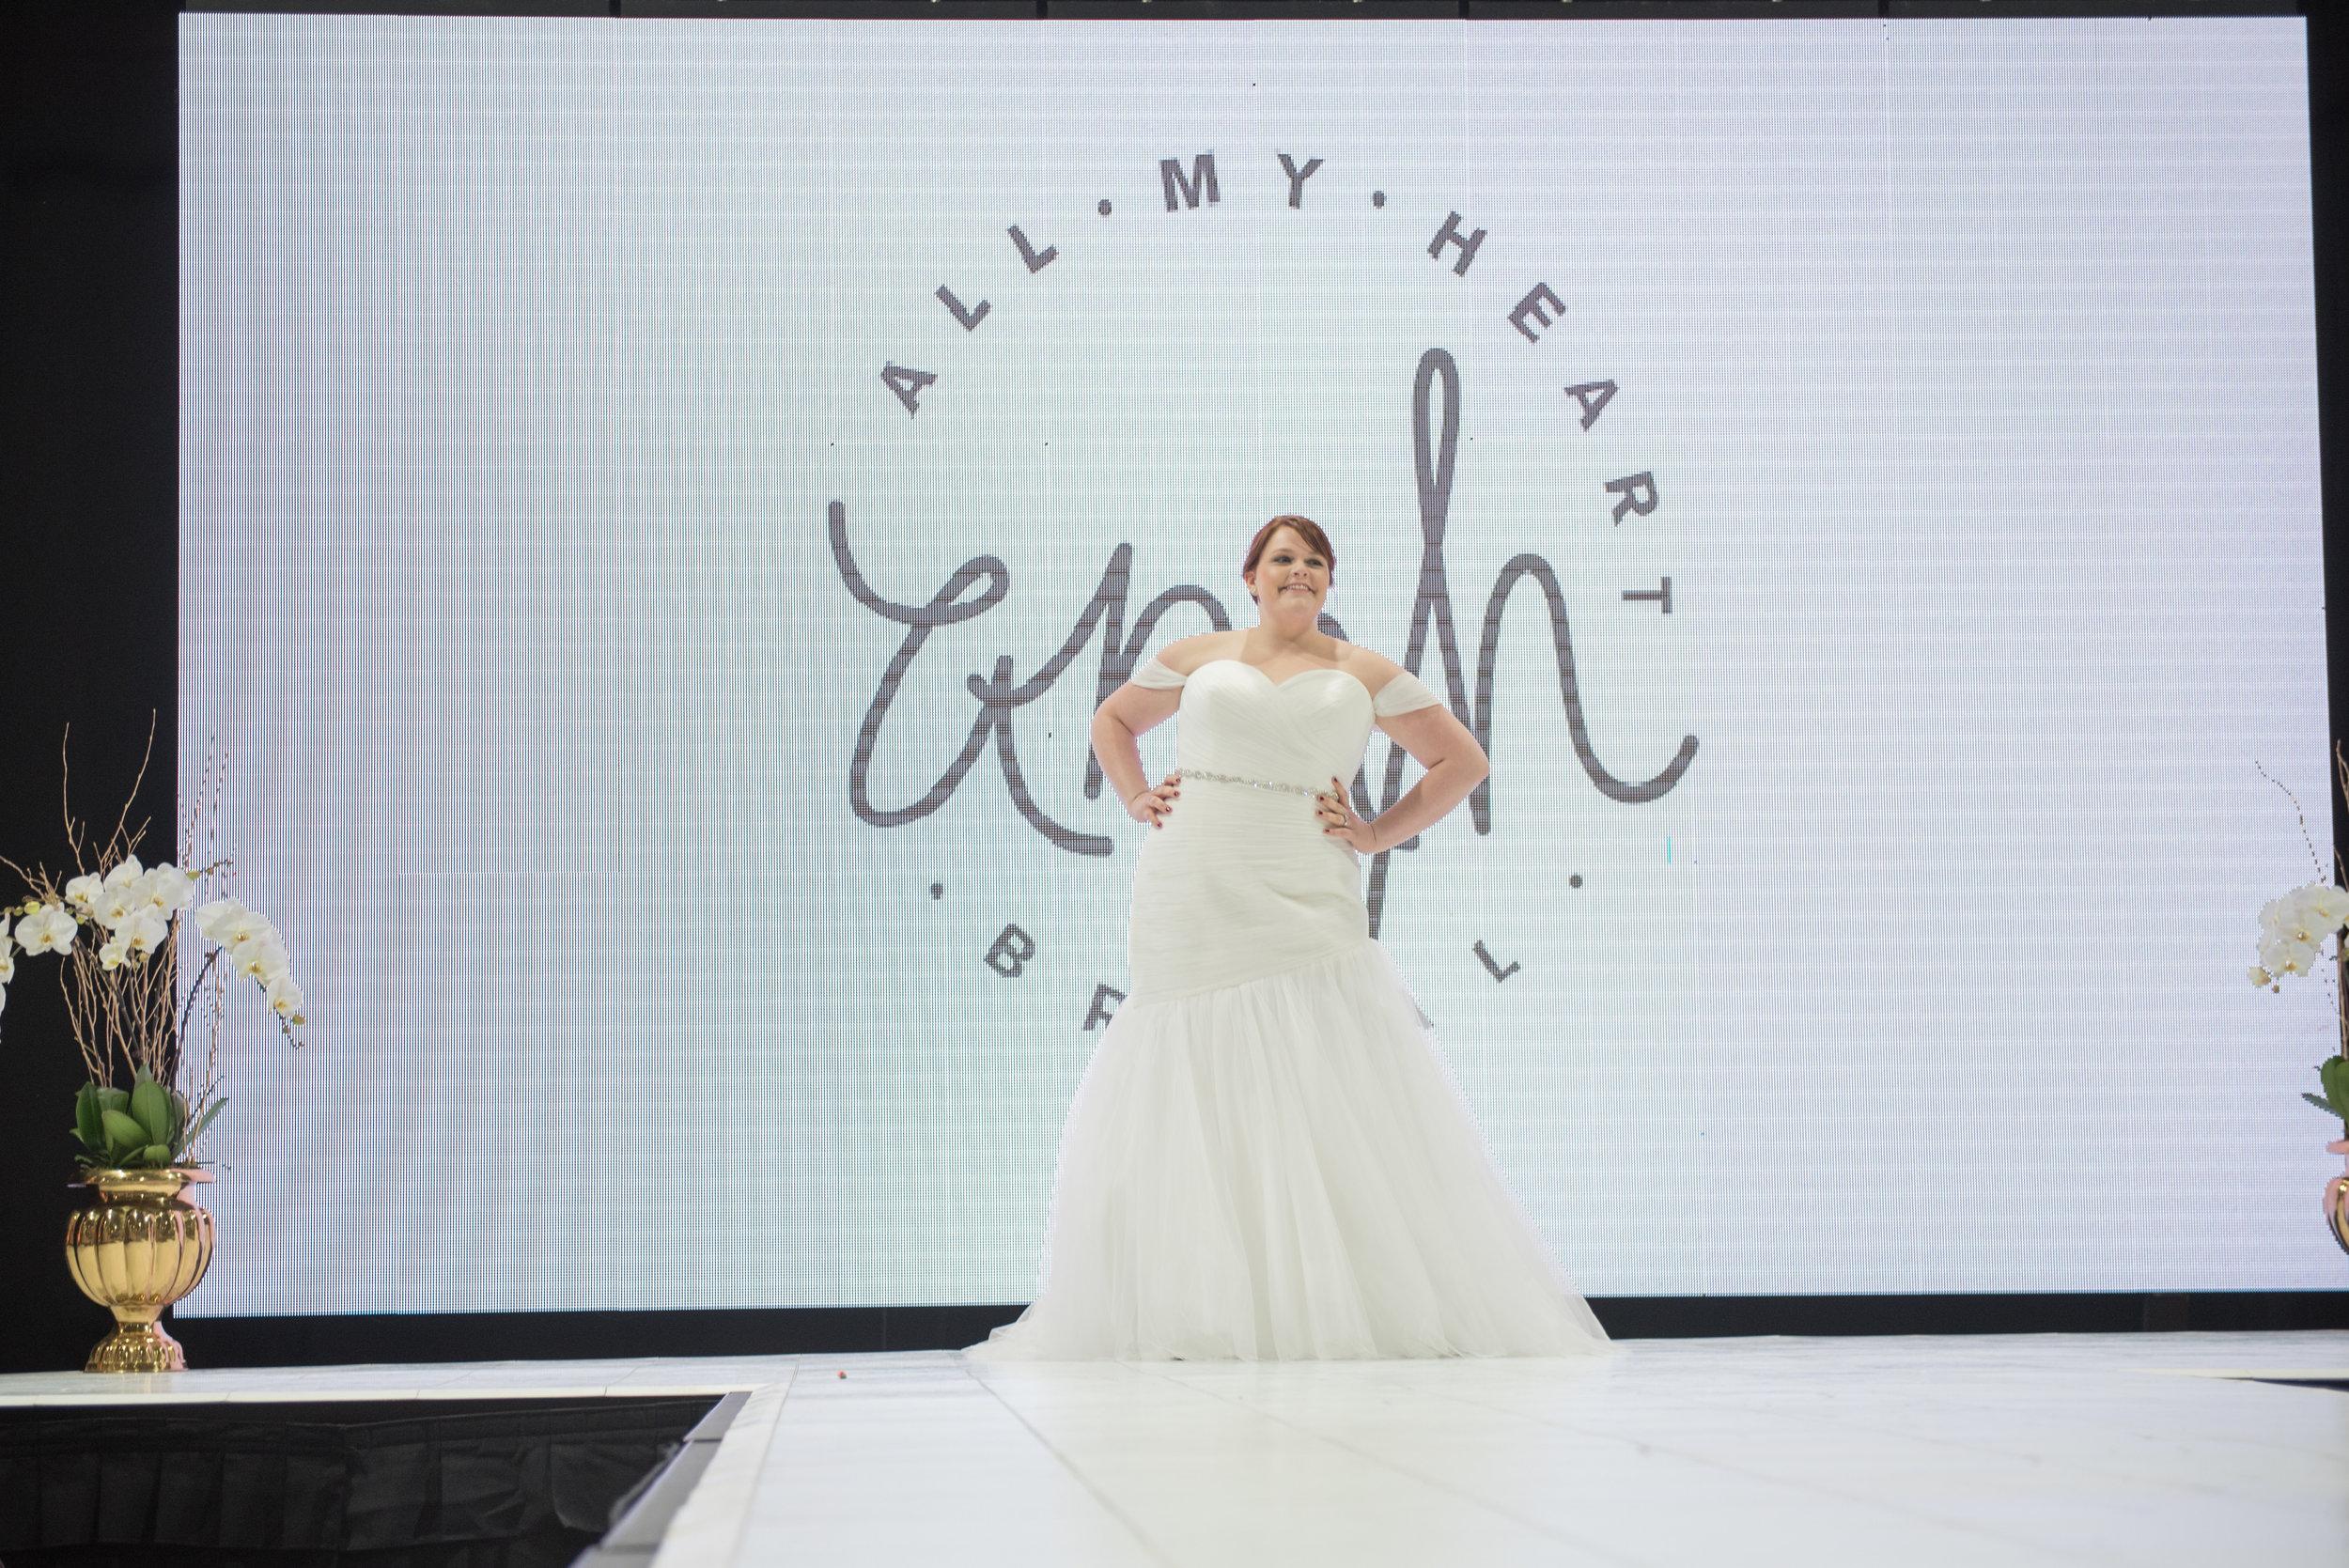 KCPWG January 2018 Wedding Show (9).jpg